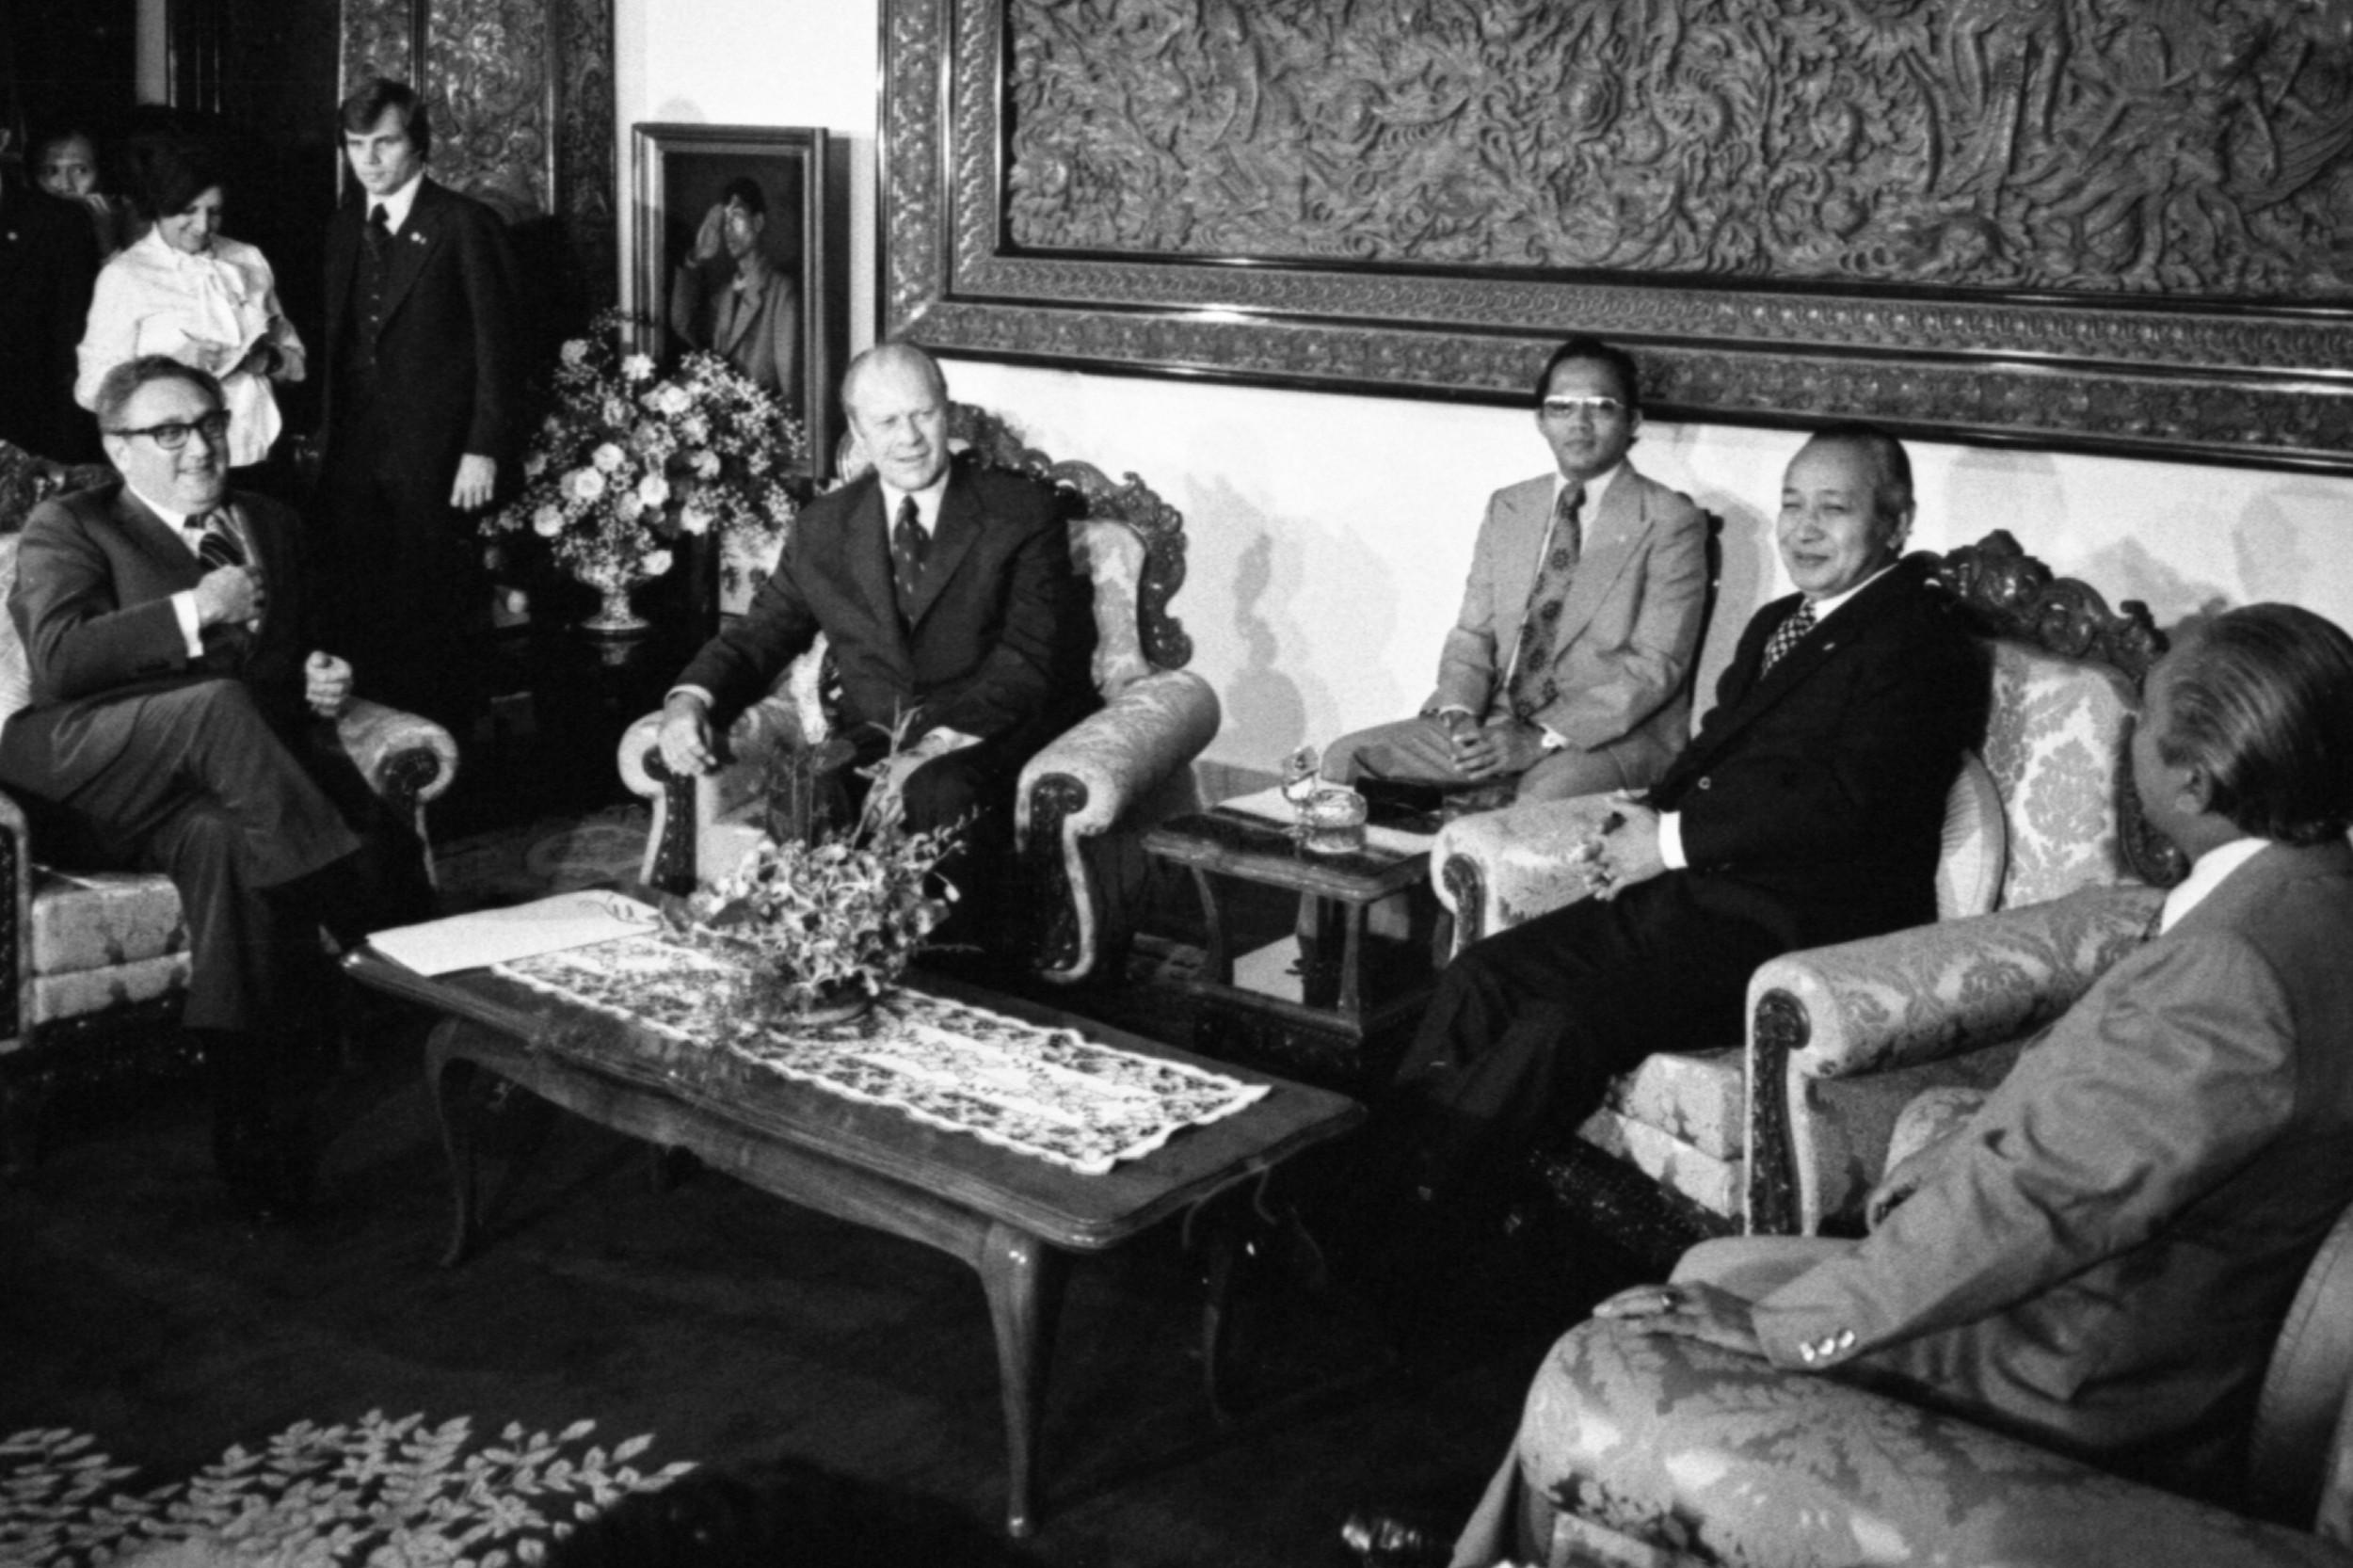 Хенри Кисинџер и Џералд Форд на састанку са Сухартом и Адамом Маликом, Џакарта, 06. децембар 1975. (Фото: David H. Kennerly/Wikimedia)